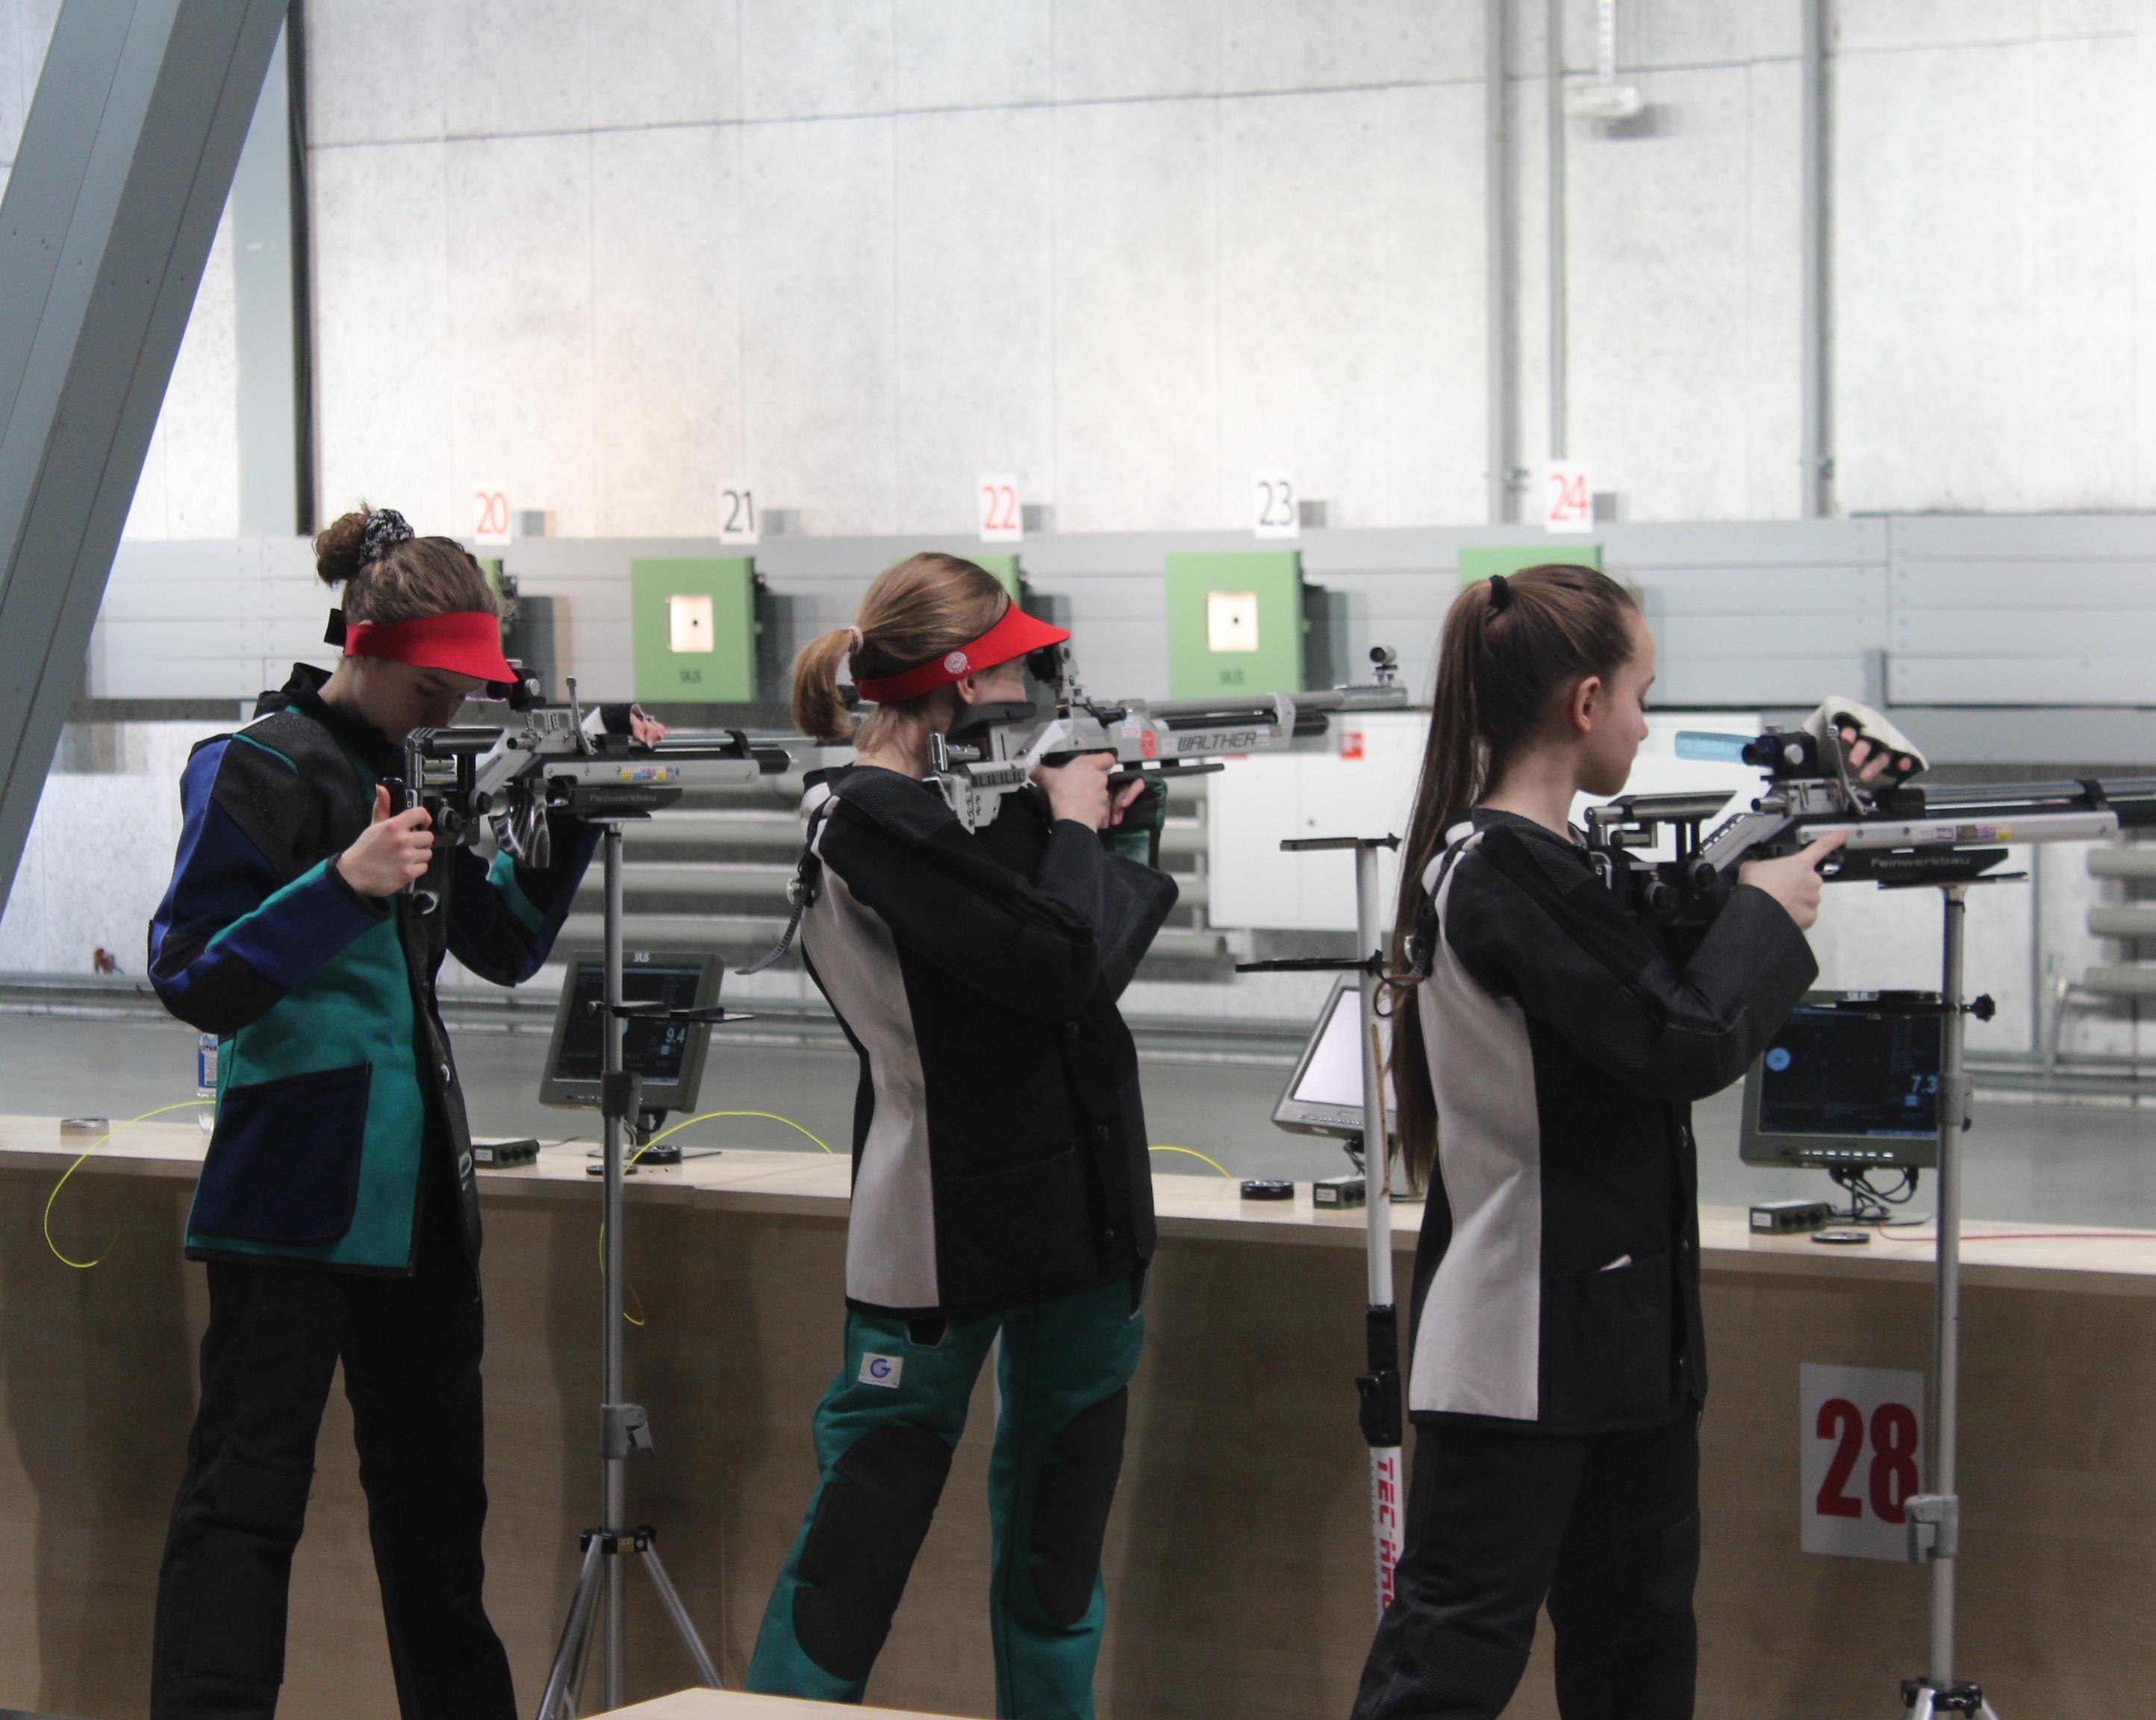 Финал IX летней Спартакиады учащихся России по пулевой стрельбе